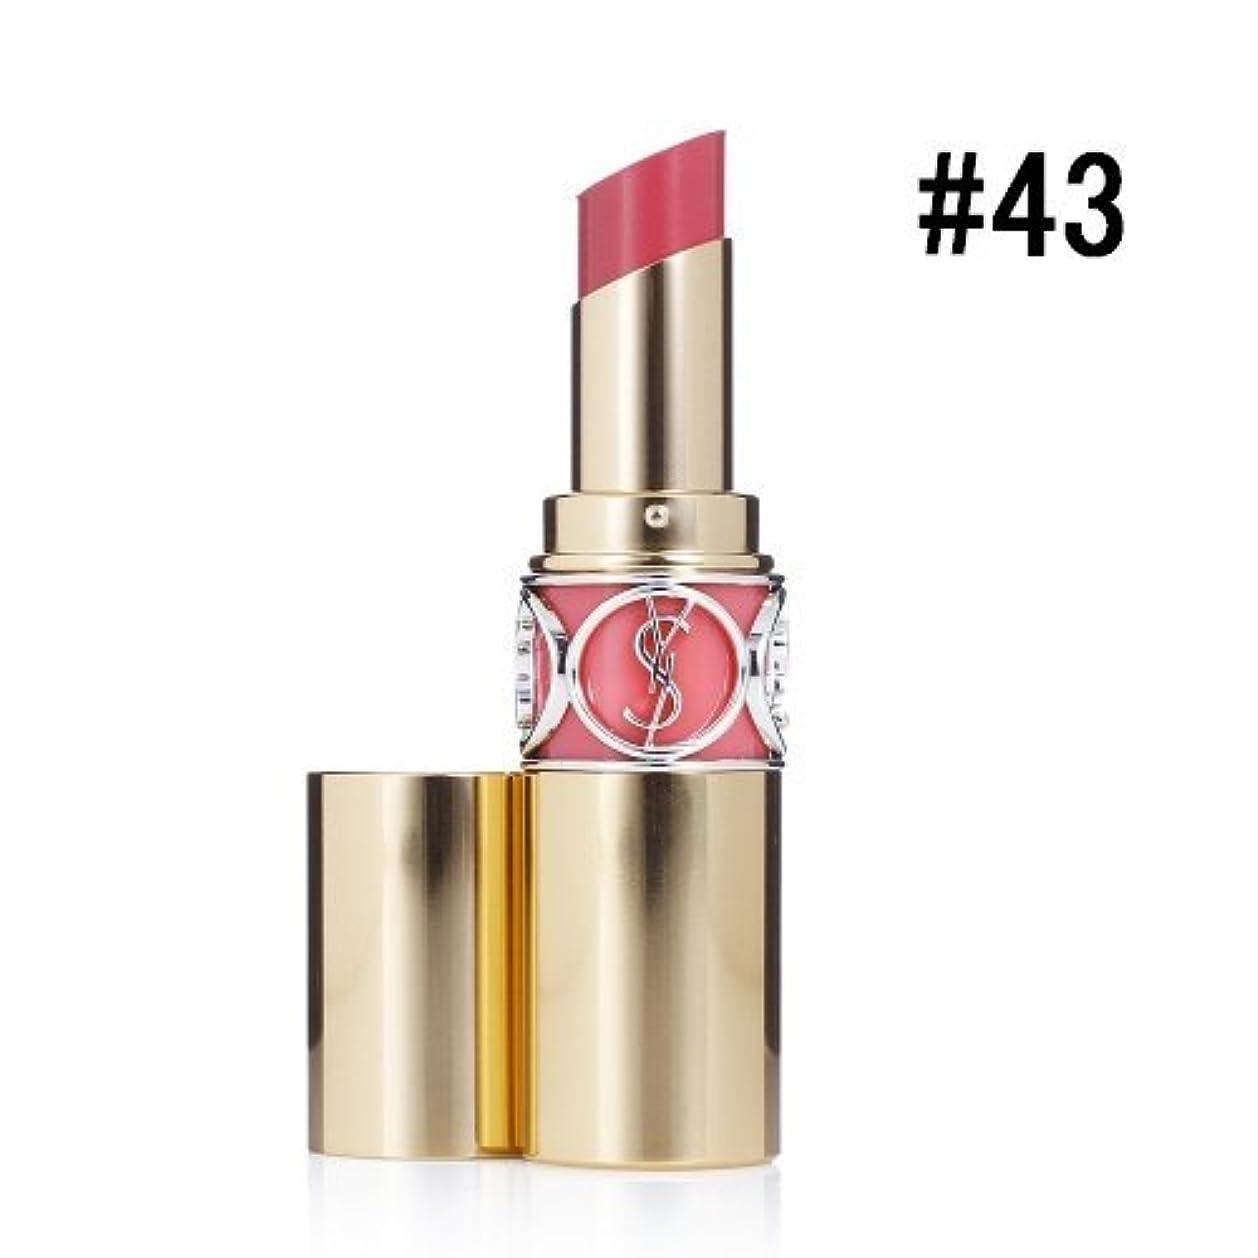 学部勧める交通イヴサンローラン(Yves Saint Laurent) ルージュ ヴォリュプテ シャイン #43 ROSE RIVE GAUCHE 4.5g [並行輸入品]